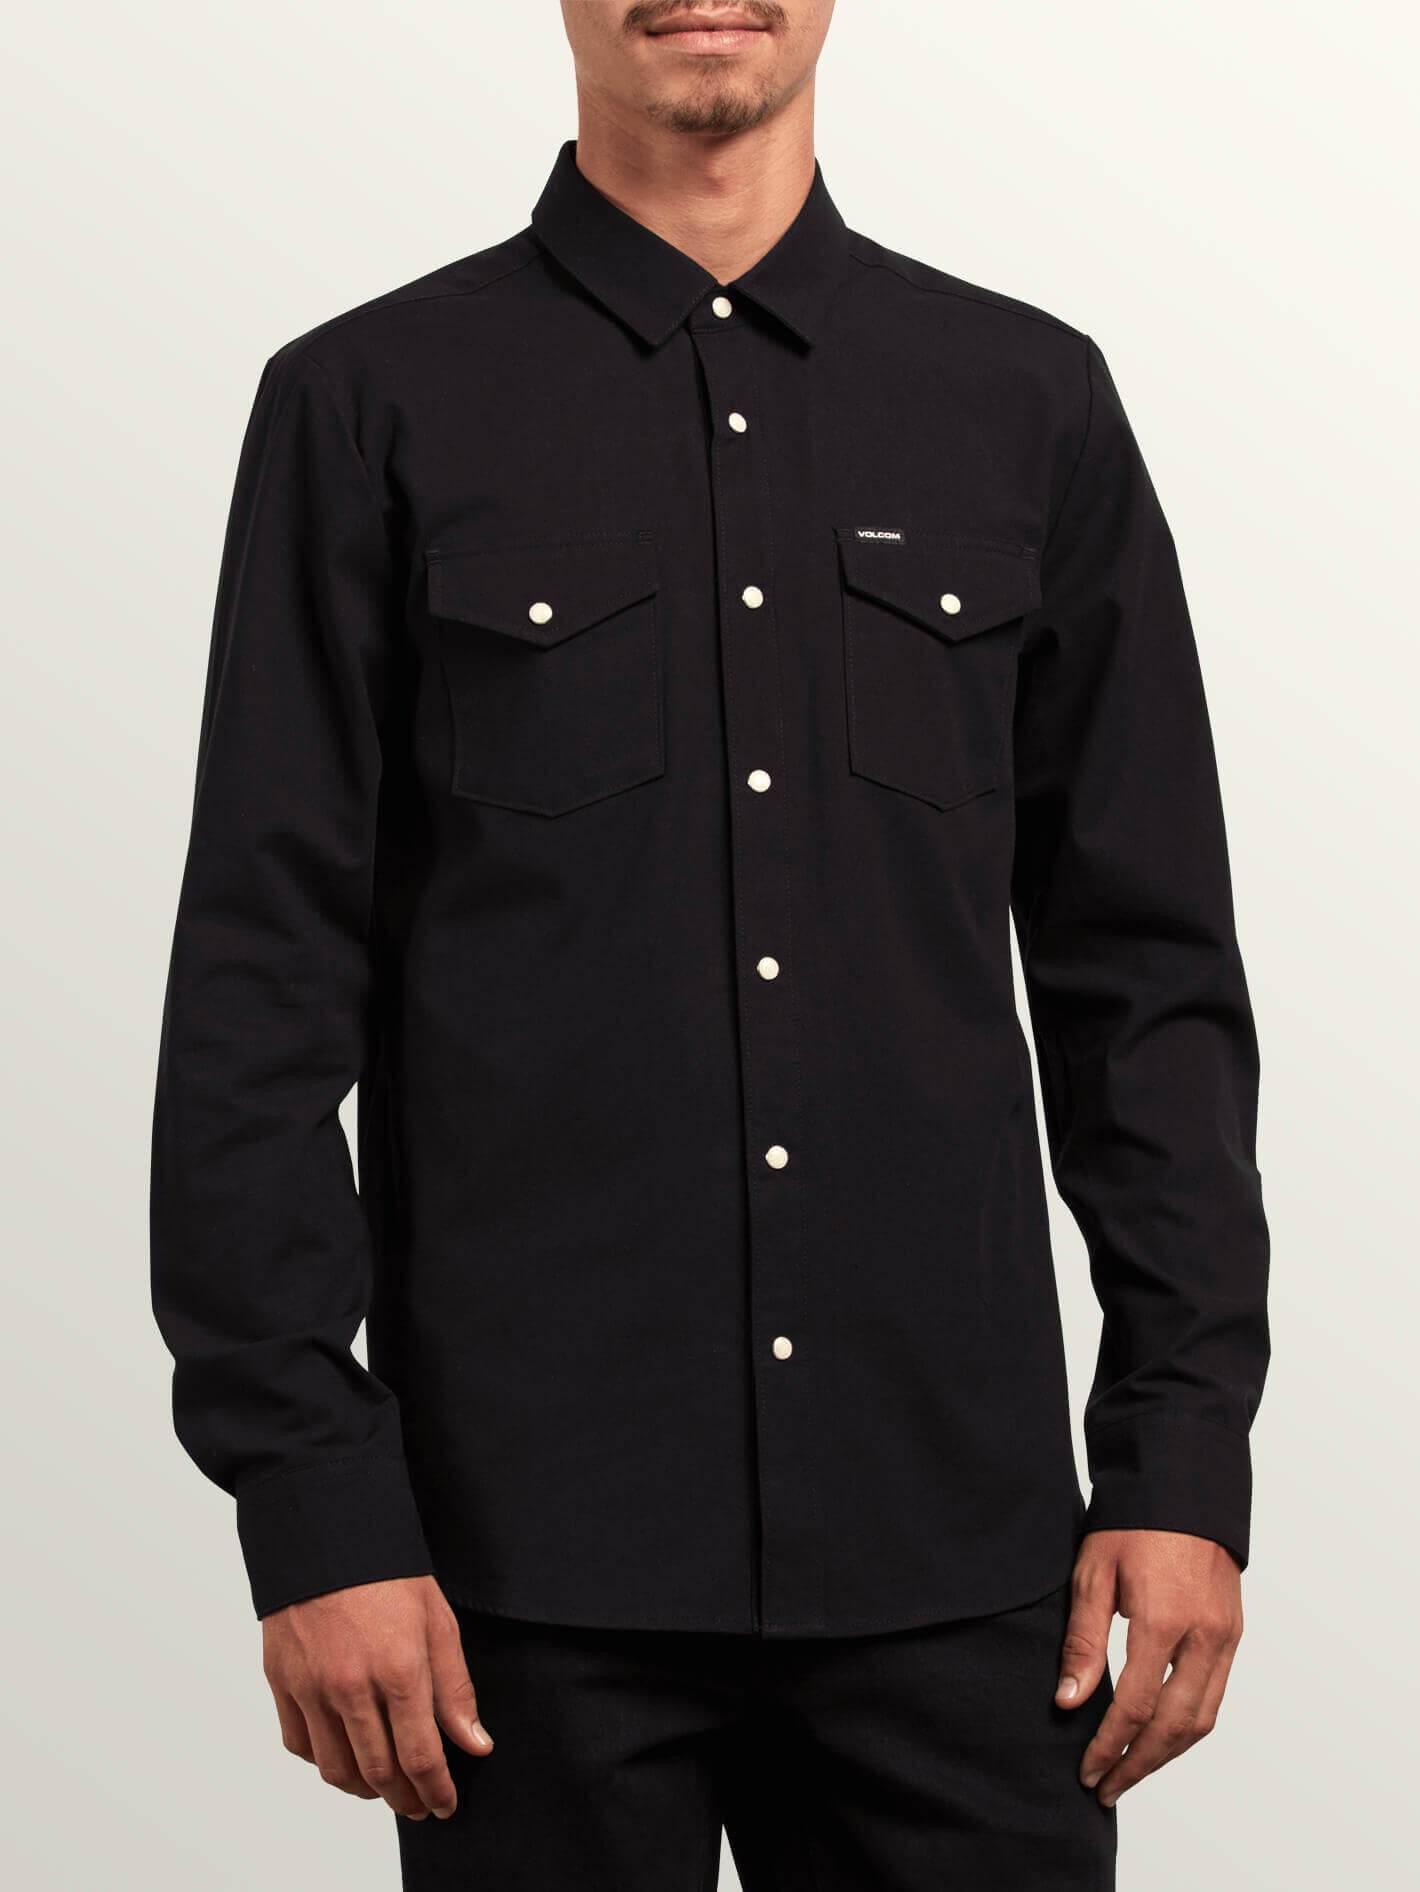 ONeill Mens Rockaway Button Up Long-Sleeve Shirt Large Black